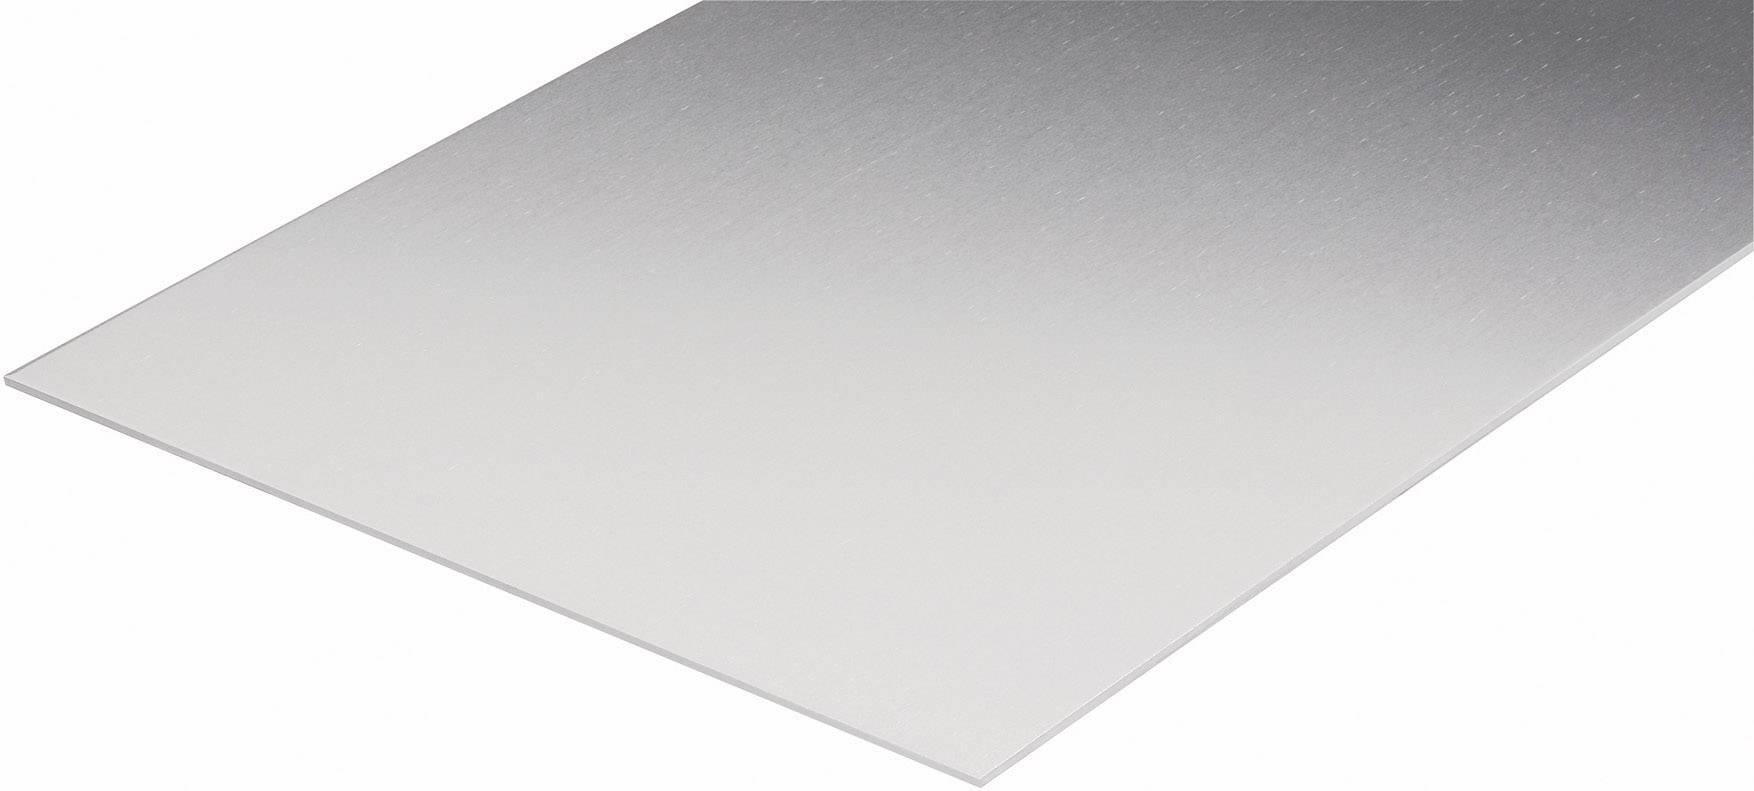 Hliníková deska Al-Mg 3 Modelcraft, 400 x 200 x 2,5 mm